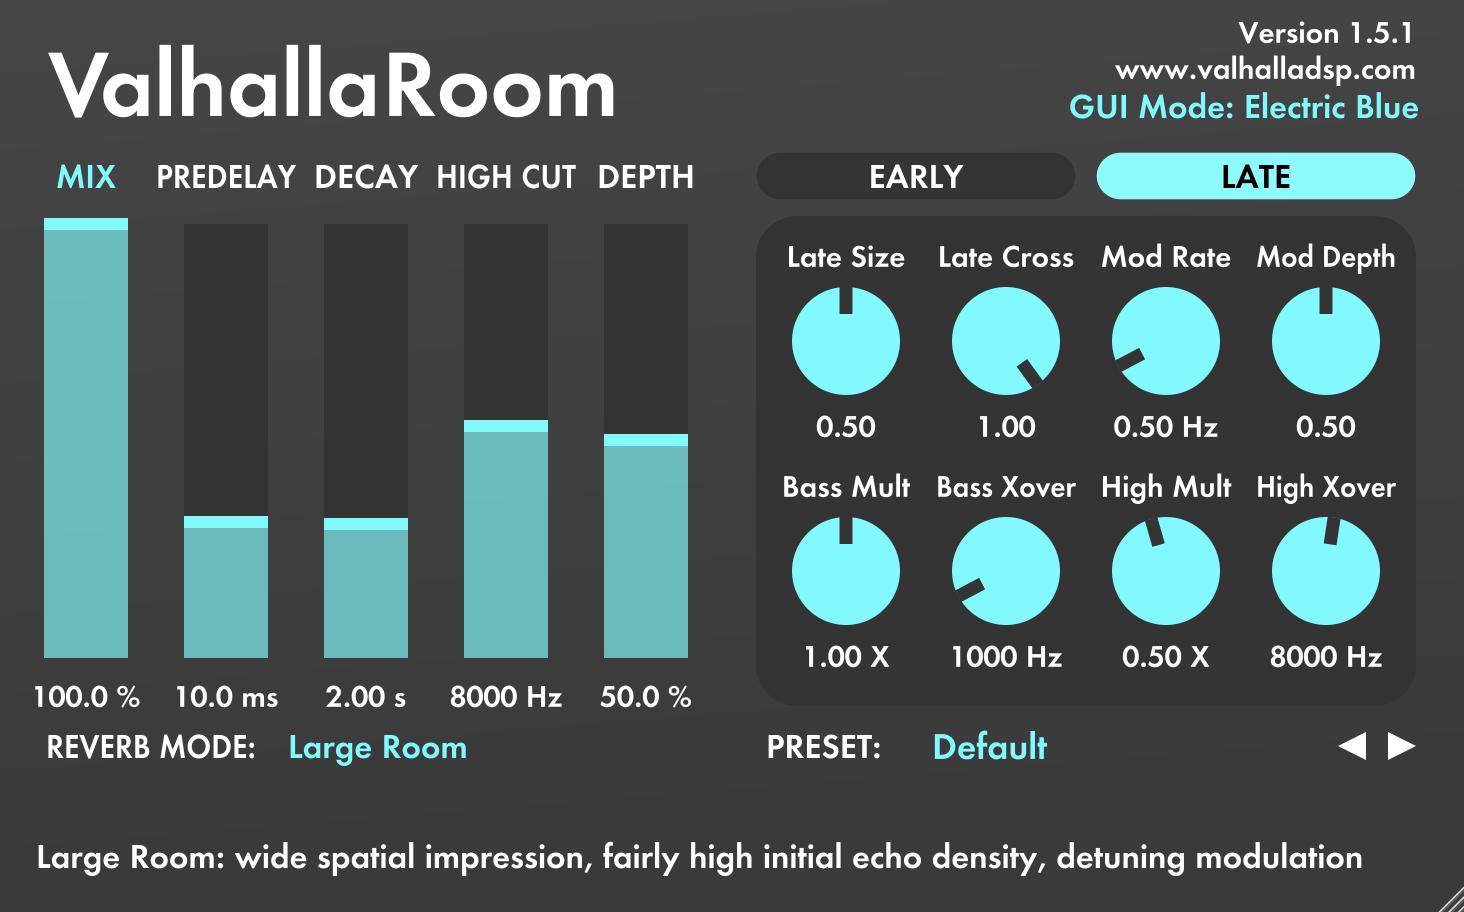 Valhalla Dsp Updates Valhallavintageverb To V1 7 1 And Valhallaroom To V1 5 1